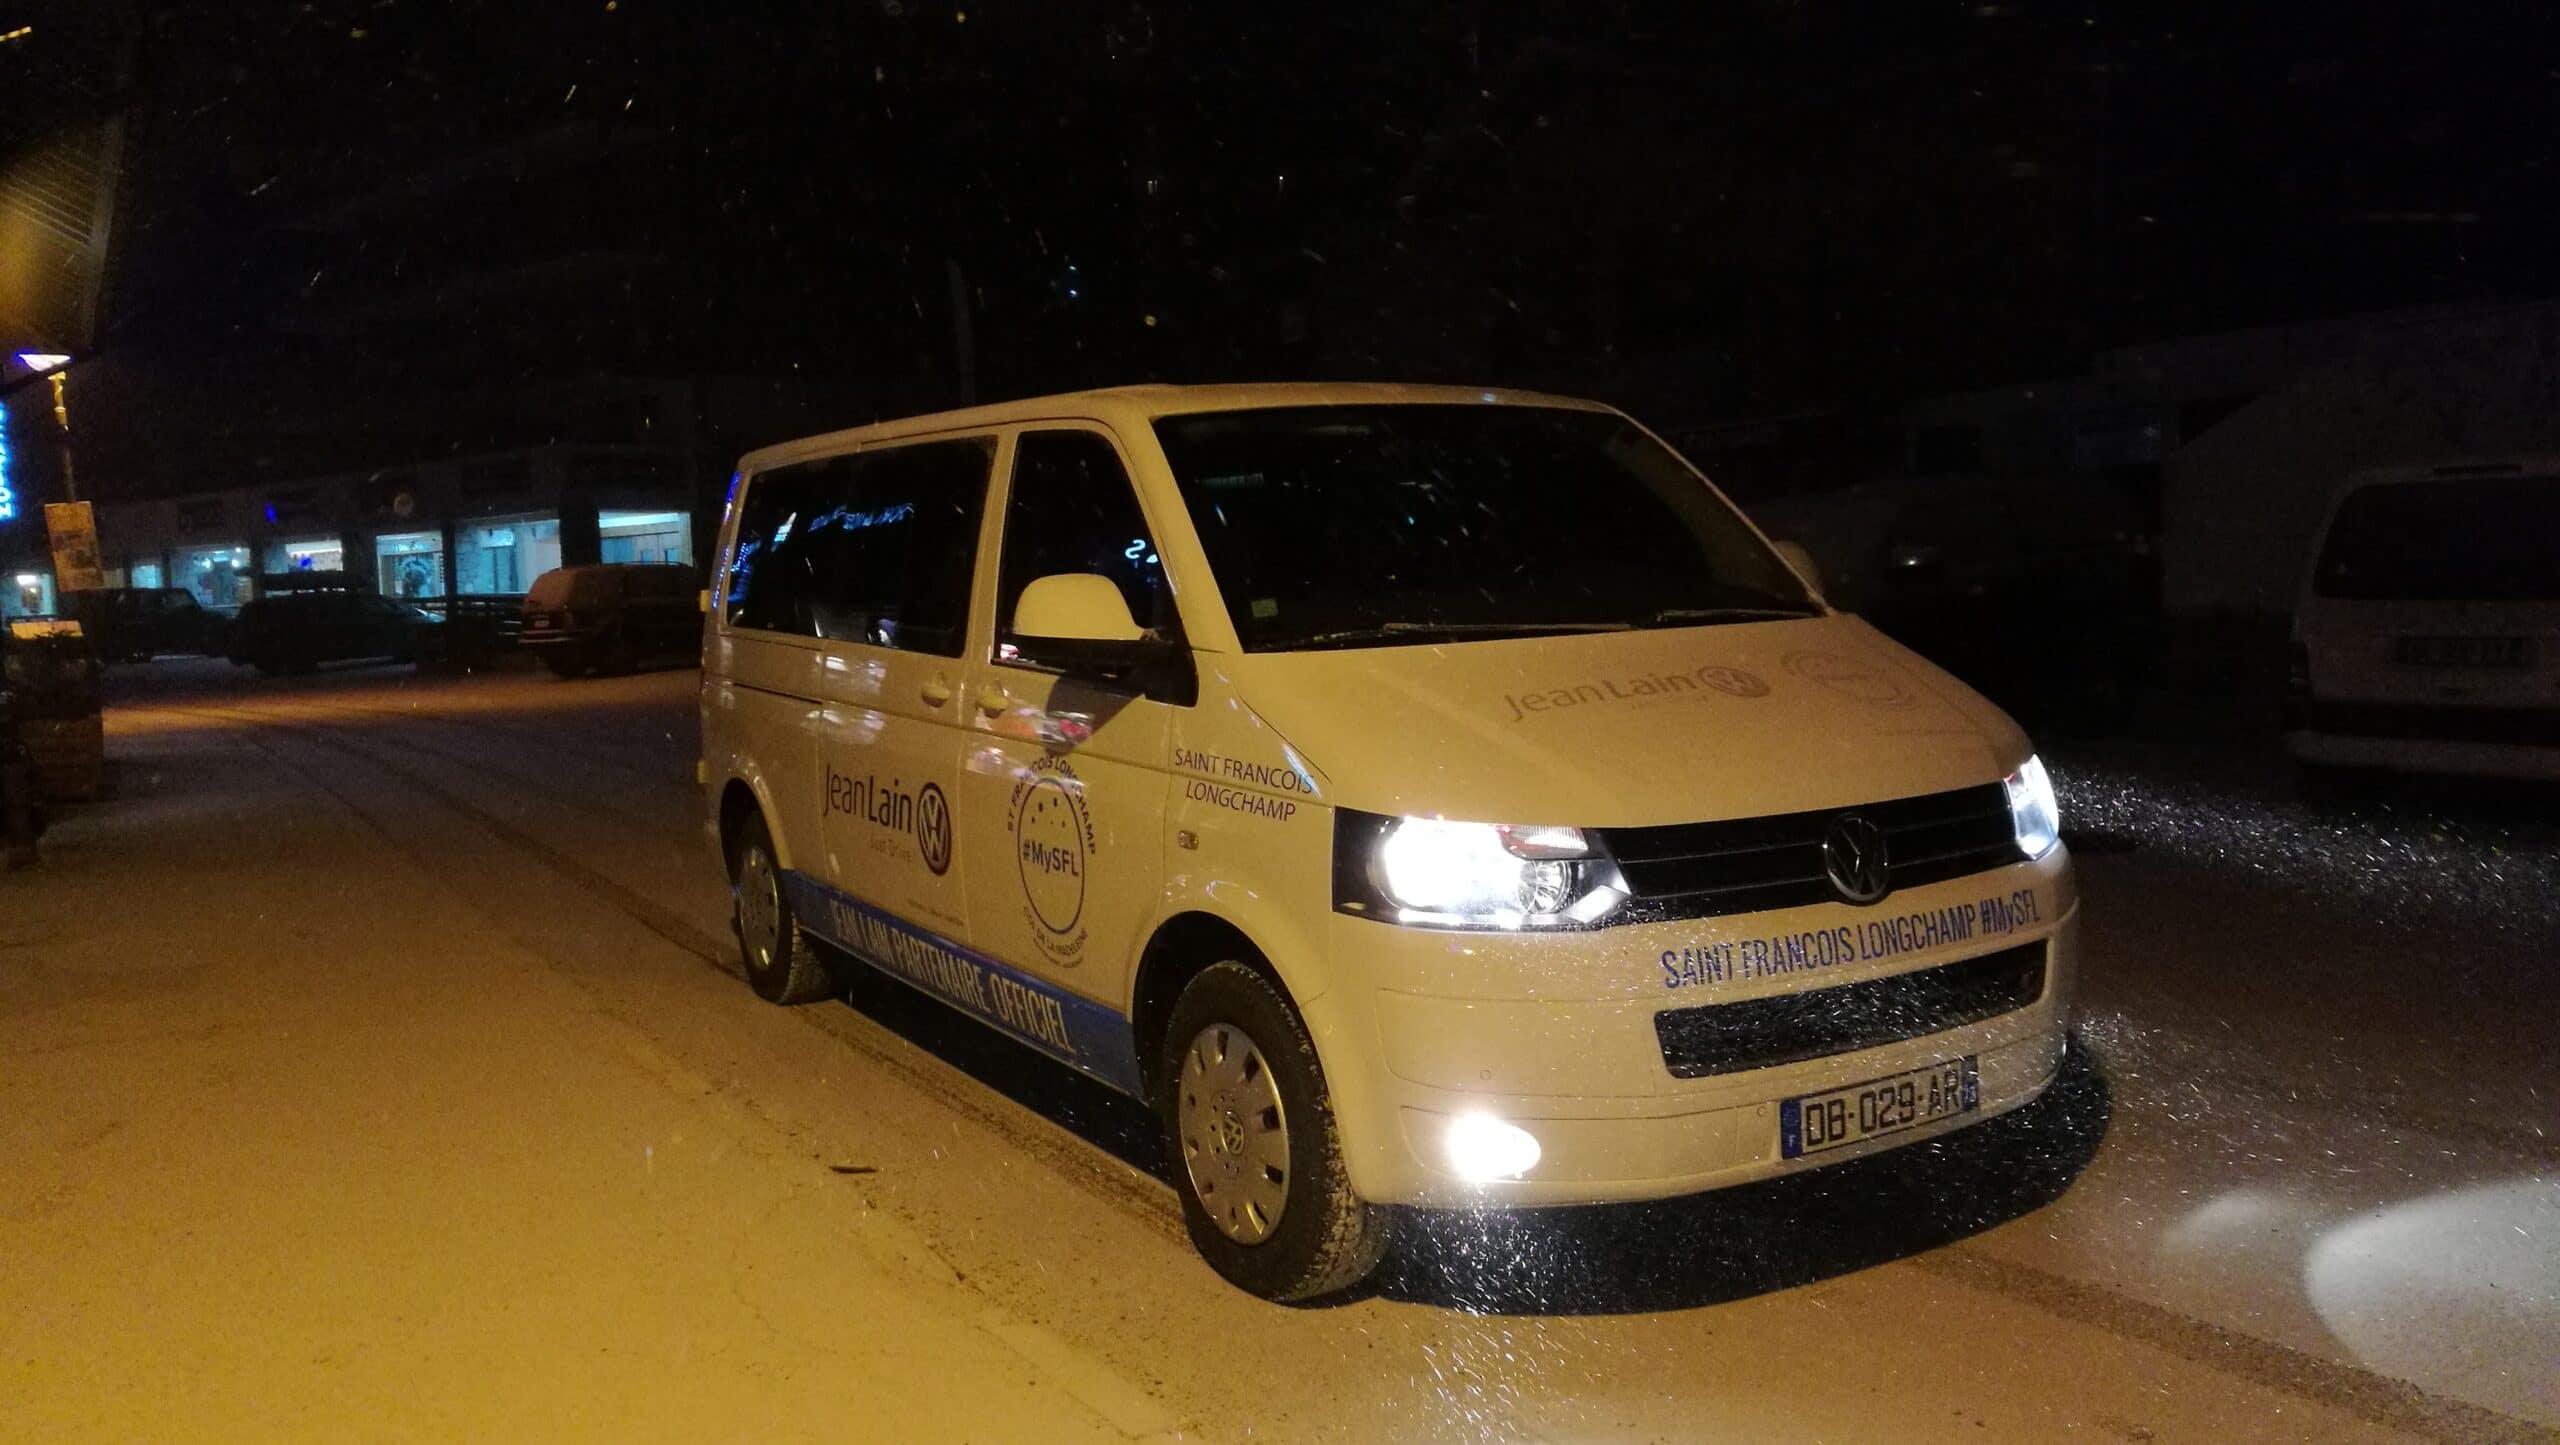 Navette nocturne, service de conciergerie en hiver